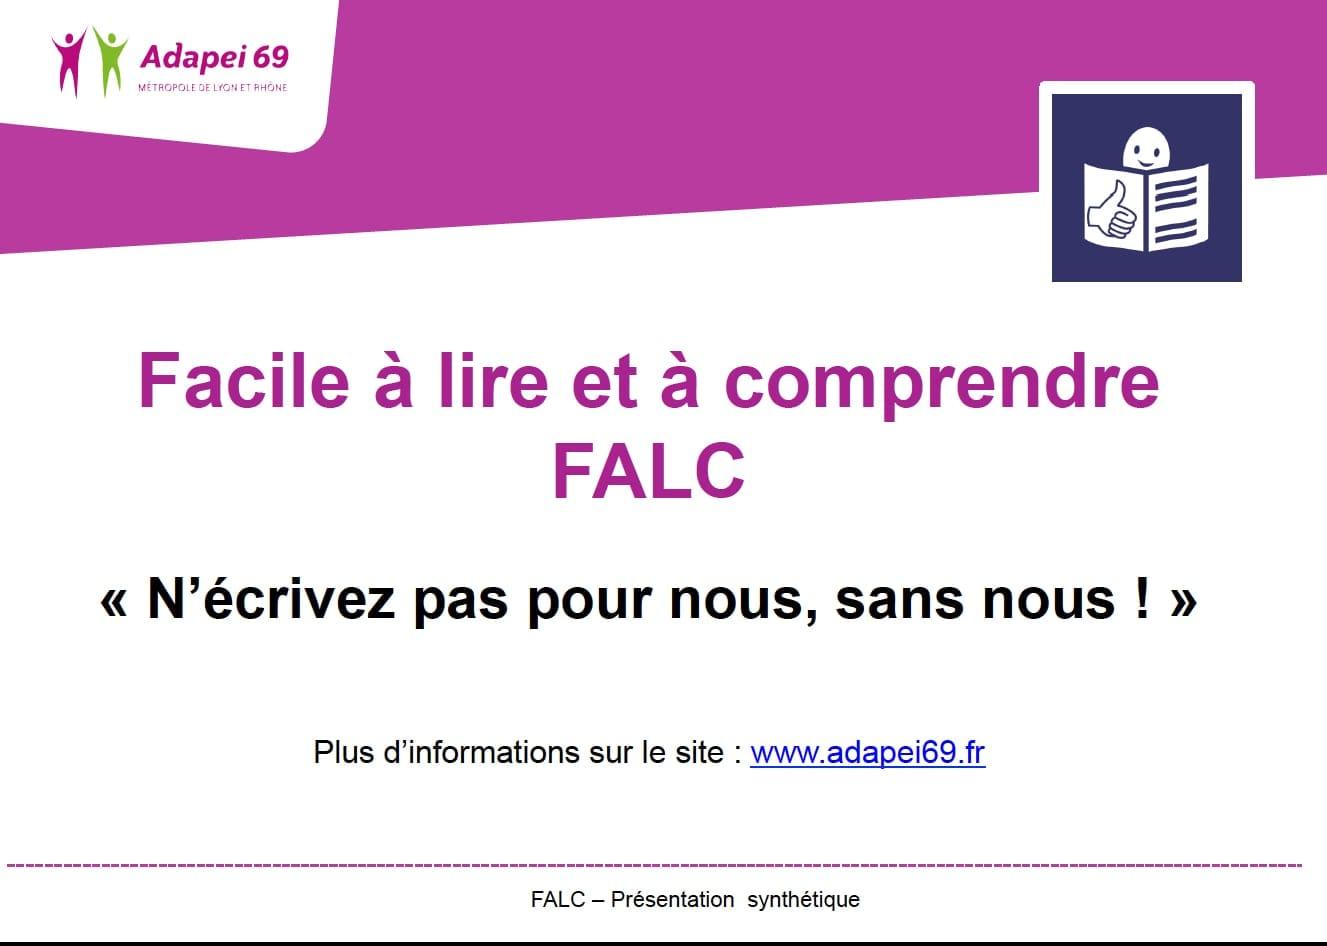 Présentation de la méthode FALC (Facile à Lire et à Comprendre)